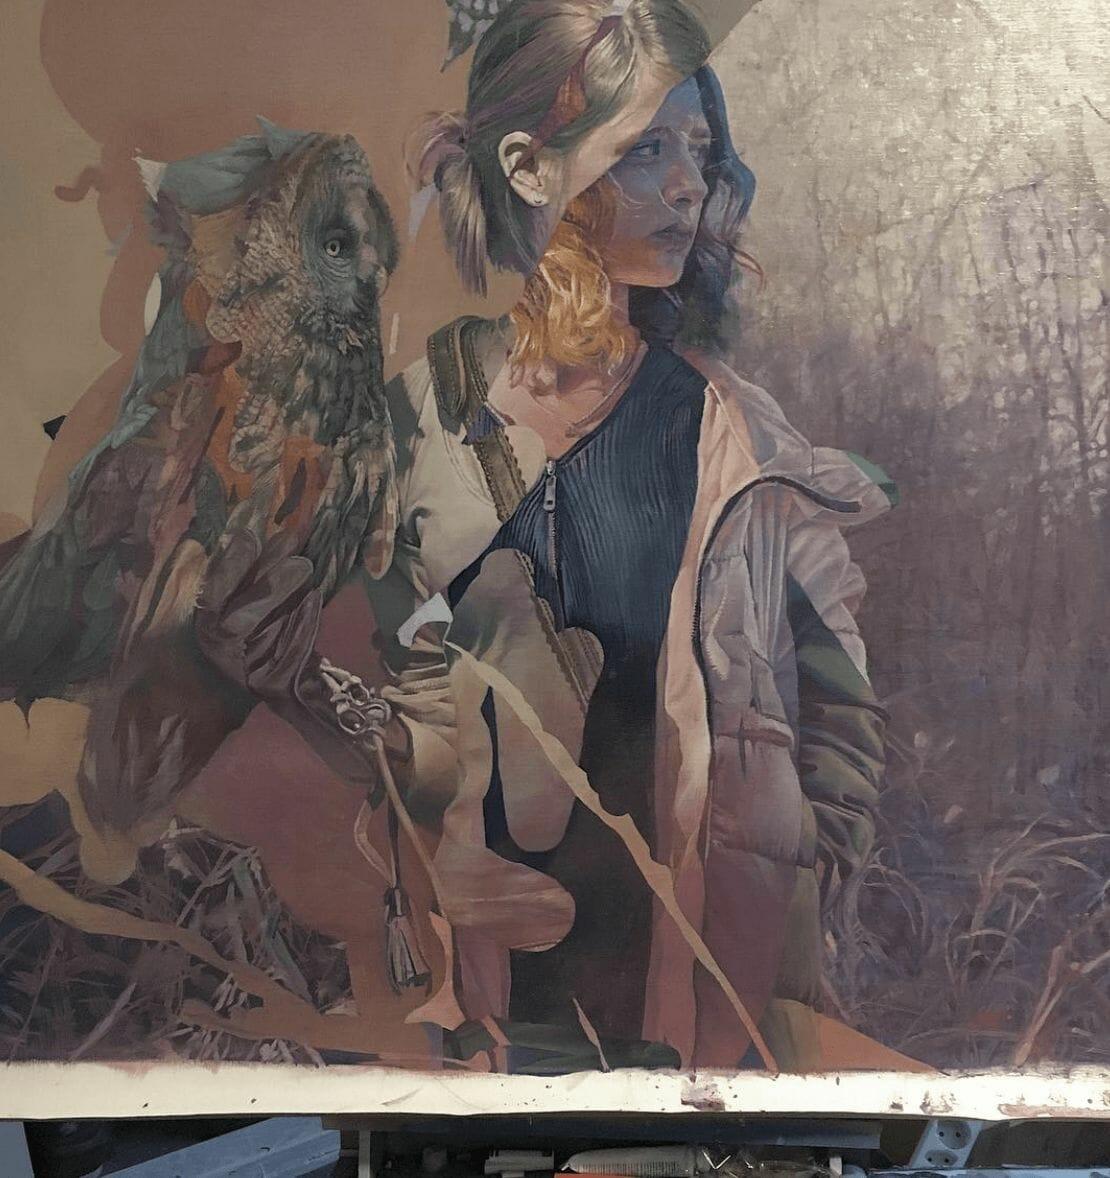 jeune fille et un hiboux sur une fresque d'art urain